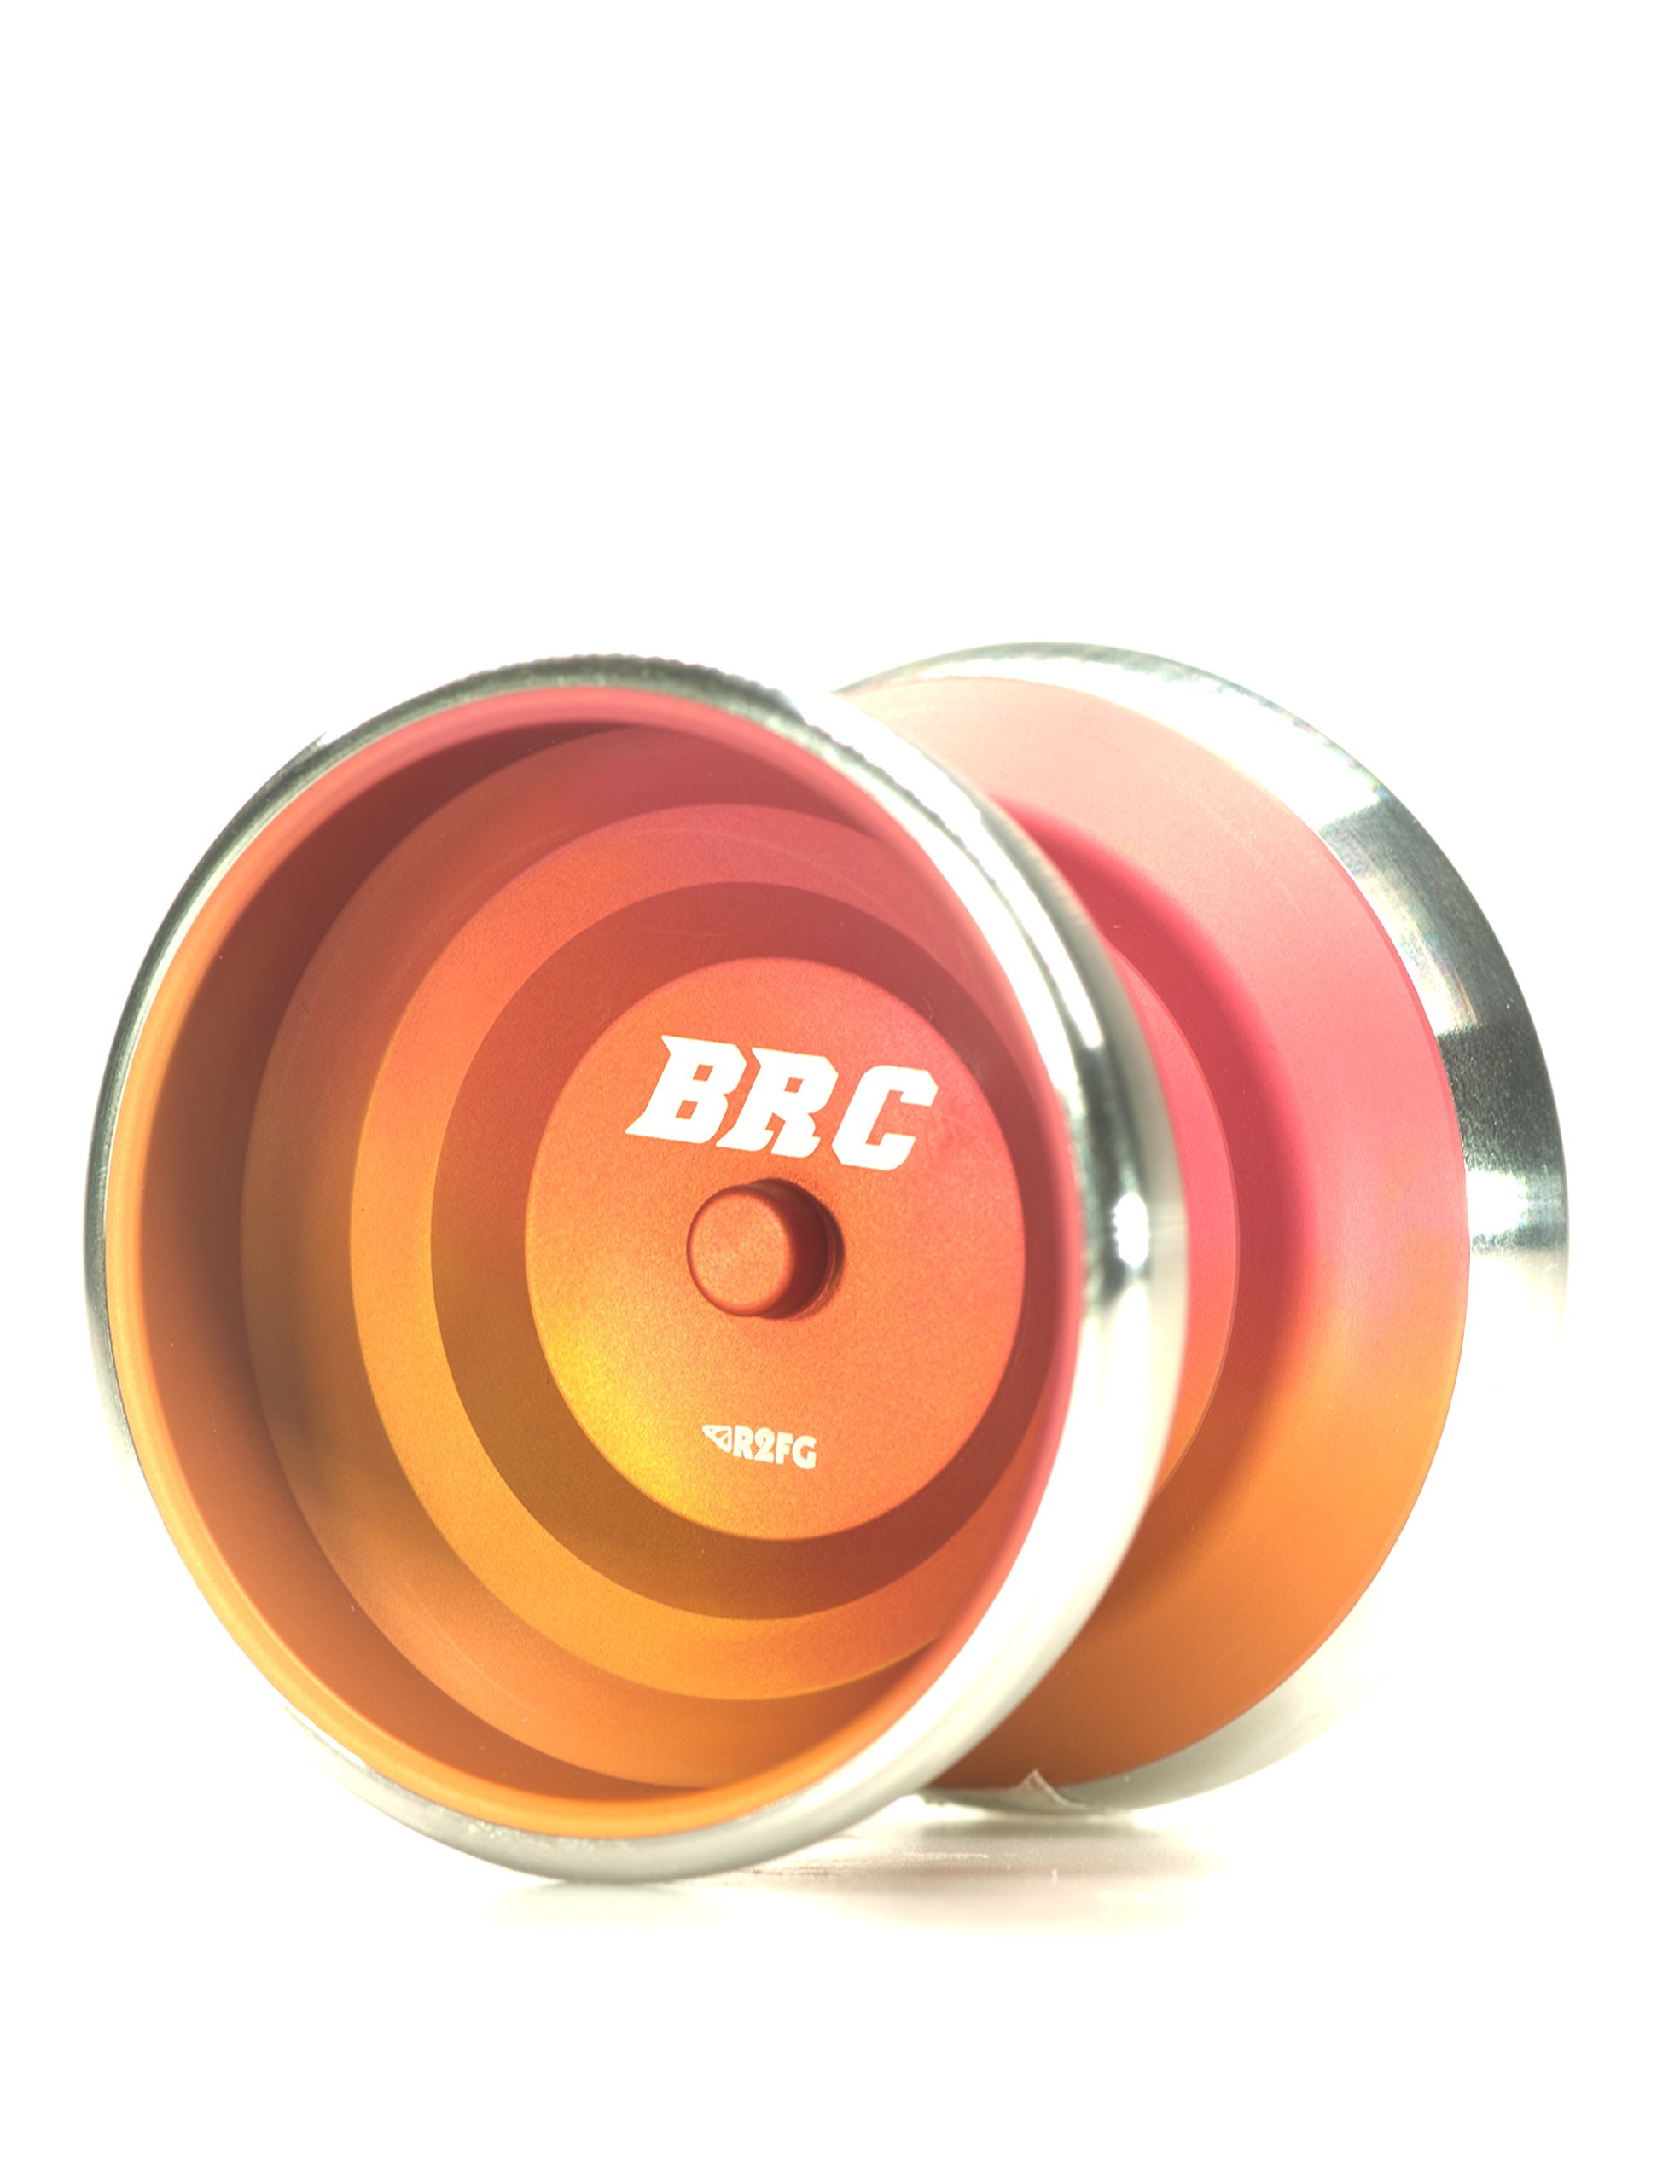 R2FG Professional Aluminum Yoyo Brc Orange Fade